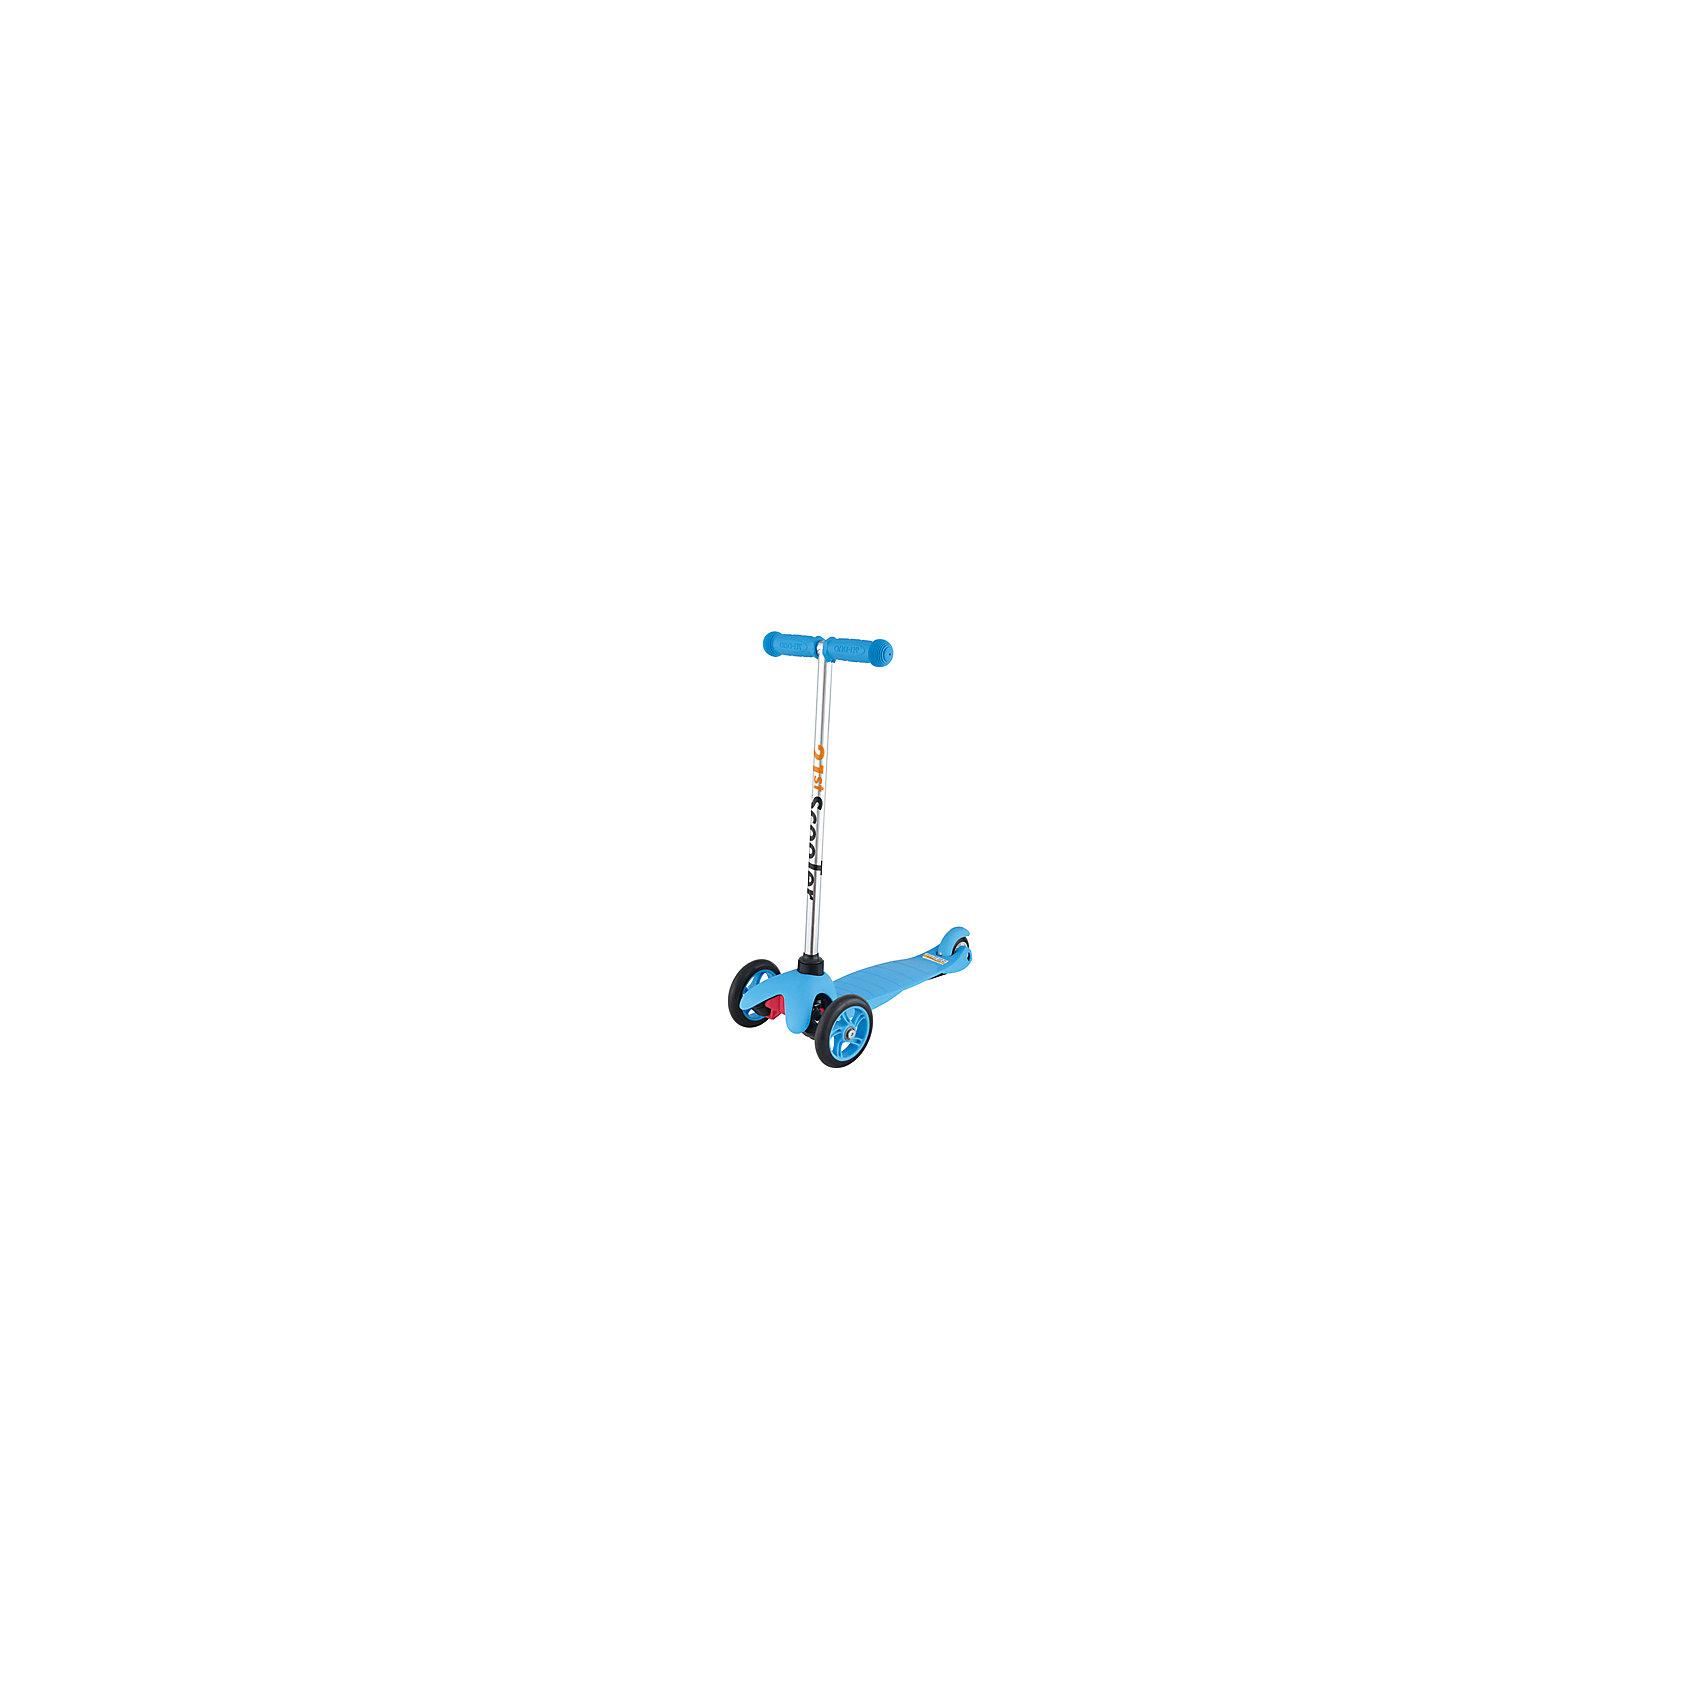 Самокат трехколесный Maxi Scooter, голубой, 21st scooTer21st scooter MaxiScooter (SKL-06A) - детский трехколесный самокат с амортизацией передней вилки. Самокат имеет уникальную запатентованную систему управления. Гибкая подножка сделана из мягкого пластика усиленного стекловолокном, что исключает риск травмирования ребенка об нее.За счет своей устойчивости и плавности хода, SKL-06A очень просто освоить. Самокат изготовлен из высококачественных материалов. Он отлично способствует развитию опорно-двигательного аппарата ребенка его координацию движения и навыки балансировки.<br><br>Дополнительная информация:<br><br>Вес: 2,6 кг.<br>Максимальная нагрузка: до 40 кг.<br>Материал: алюминий, полипропилен, стеклопластик<br>Колеса: полиуретановые литые колеса PU<br>Диаметр колес: передние 120 мм, заднее 80 мм.<br>Подшипники: ABEC-1<br>Тормоз: задний тормоз наступающий (step-on brake)<br>Размеры: 67х23х53,5 см.<br>Размер платформы: 52х11 см. <br>Размер коробки  30*39*15<br><br>Самокат трехколесный Maxi Scooter, голубой, 21st scooTer можно купить в нашем магазине.<br><br>Ширина мм: 610<br>Глубина мм: 450<br>Высота мм: 390<br>Вес г: 2600<br>Возраст от месяцев: 36<br>Возраст до месяцев: 96<br>Пол: Унисекс<br>Возраст: Детский<br>SKU: 4669789